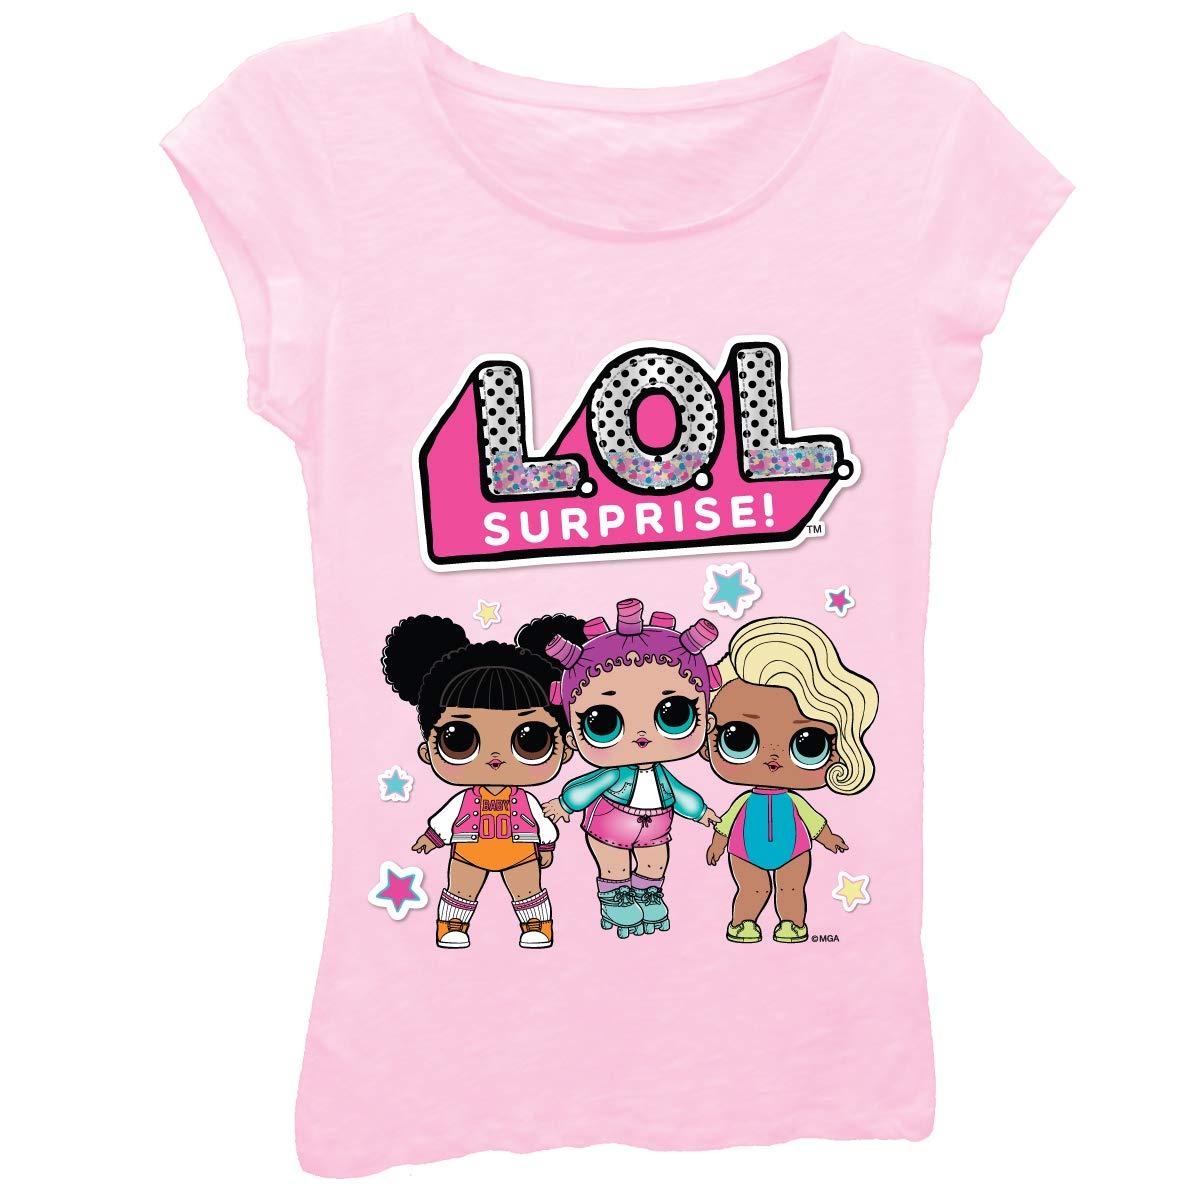 34c82687 Amazon.com: L.O.L. Surprise! Girls Toy Shirt - LOL Surprise Tee - Lil  Outrageous Littles T-Shirt: Clothing